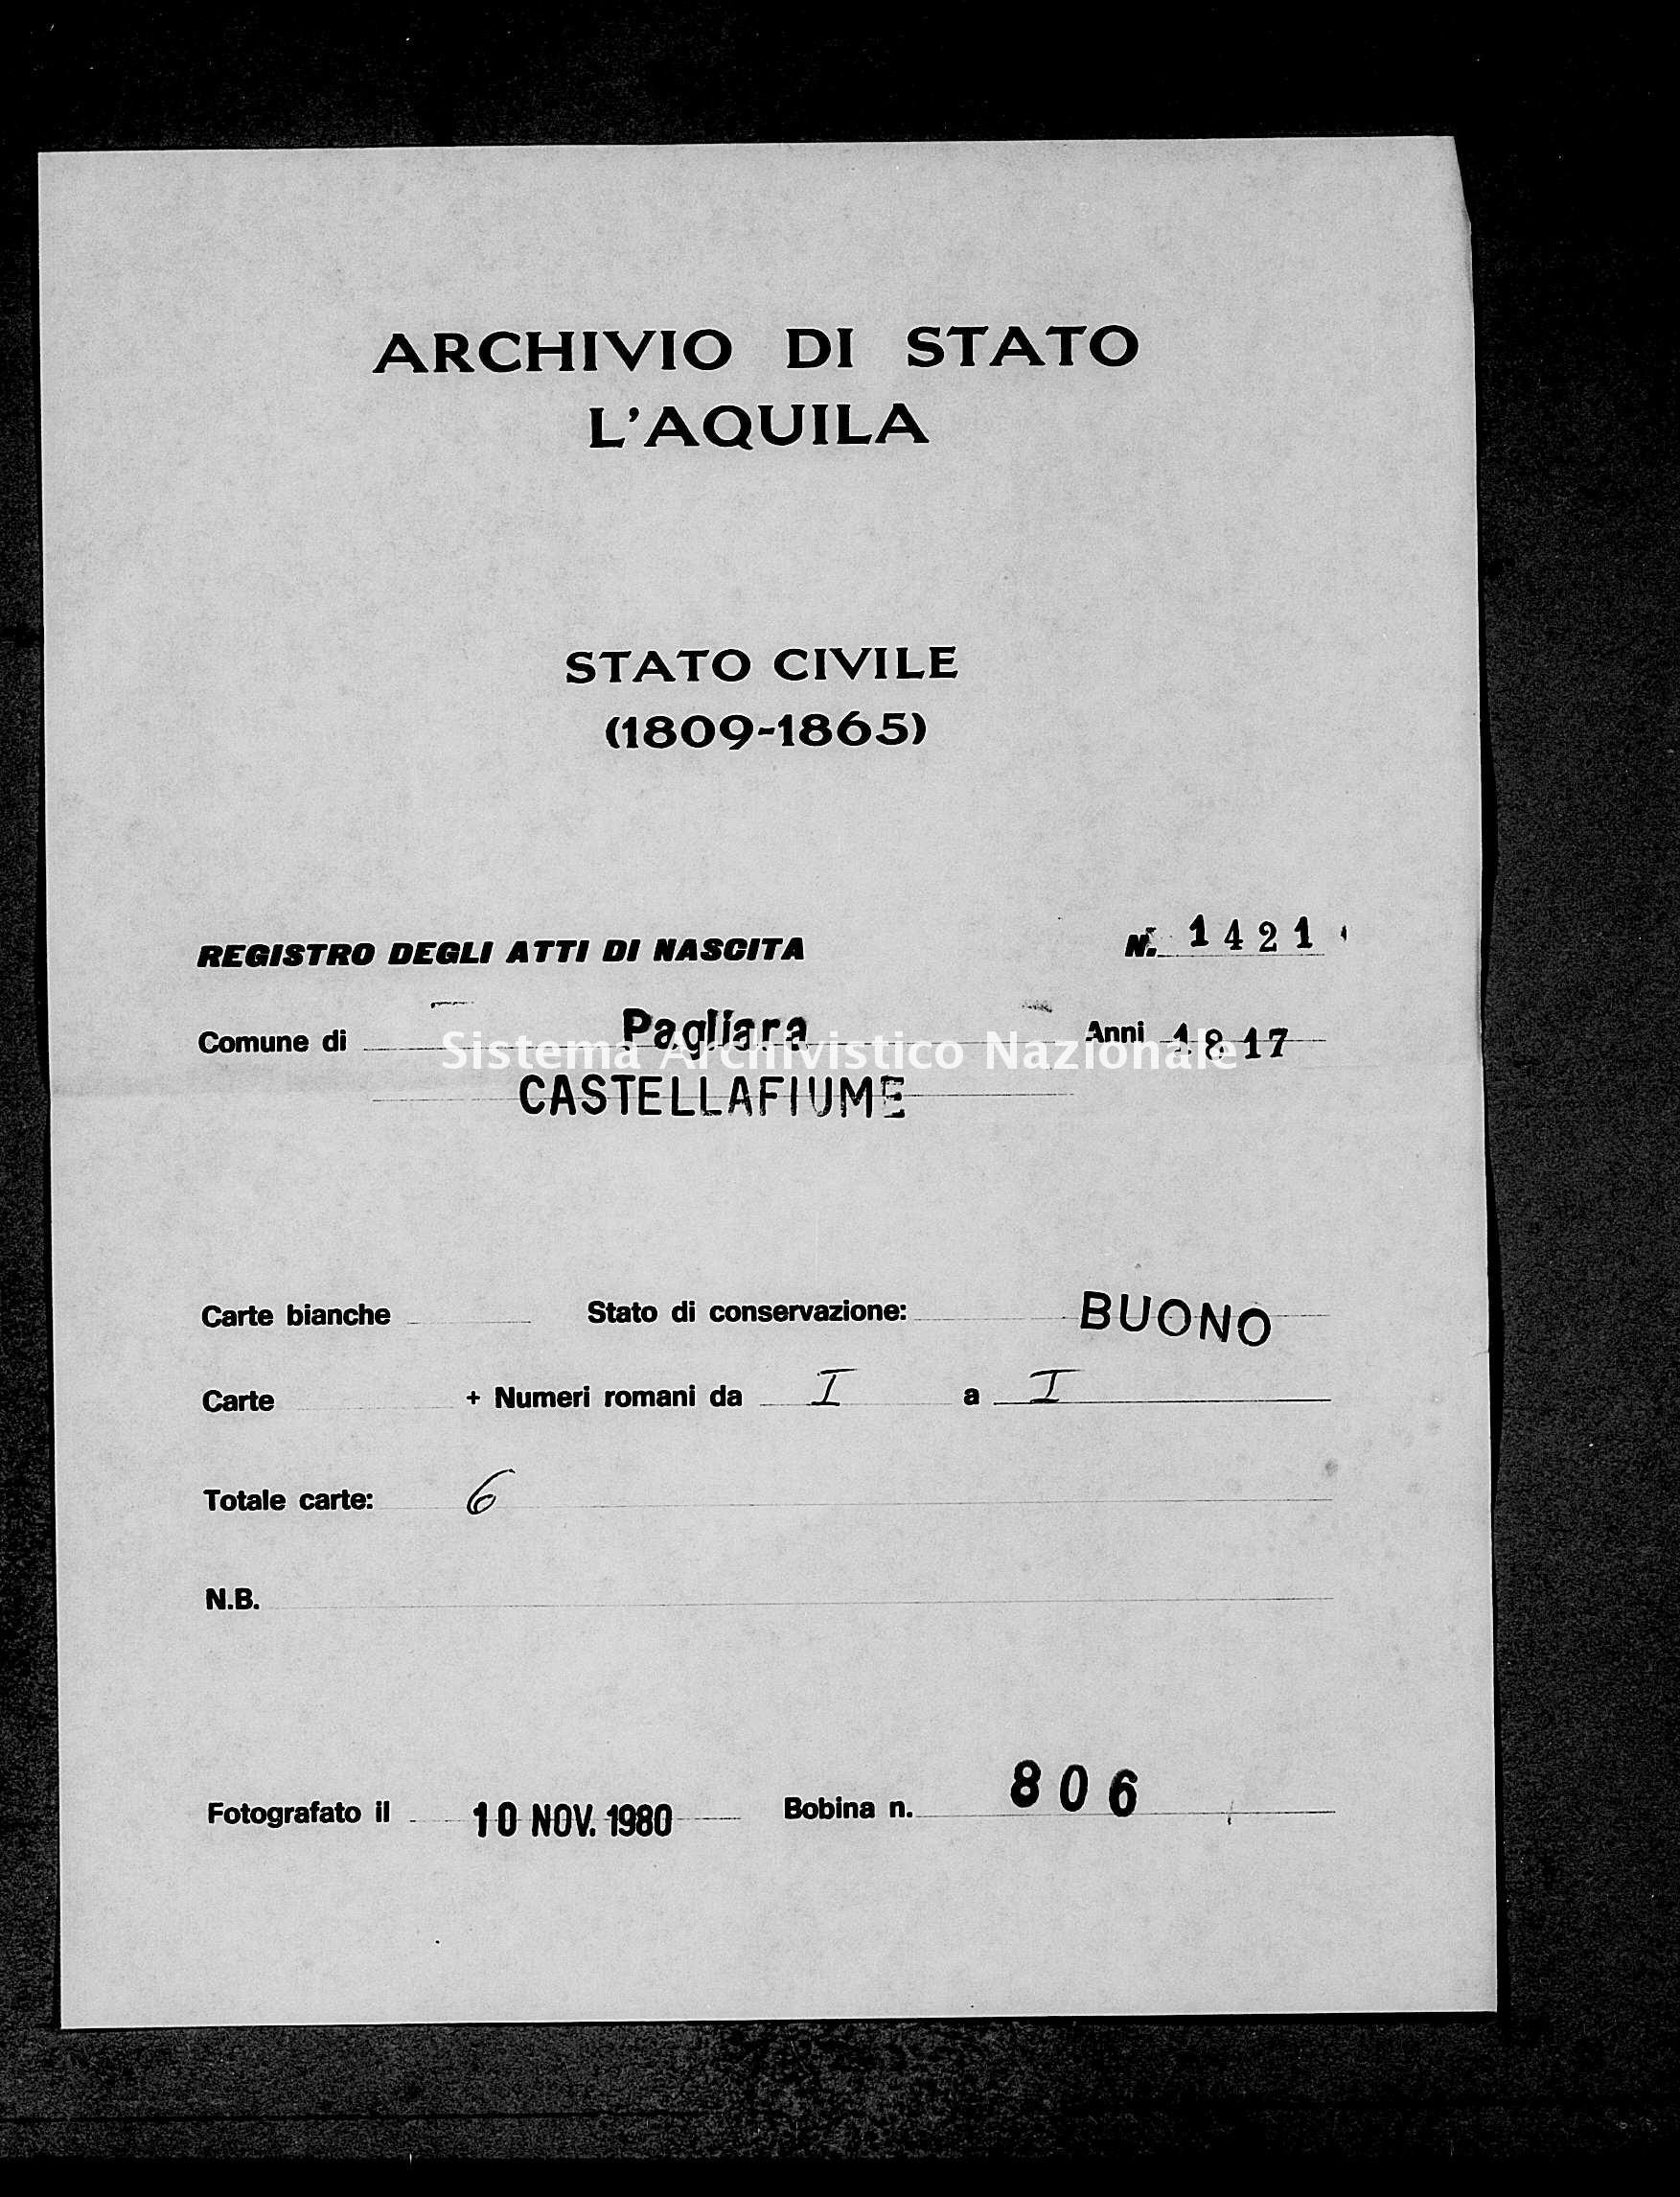 Archivio di stato di L'aquila - Stato civile della restaurazione - Pagliara - Nati - 1817 - 1421 -